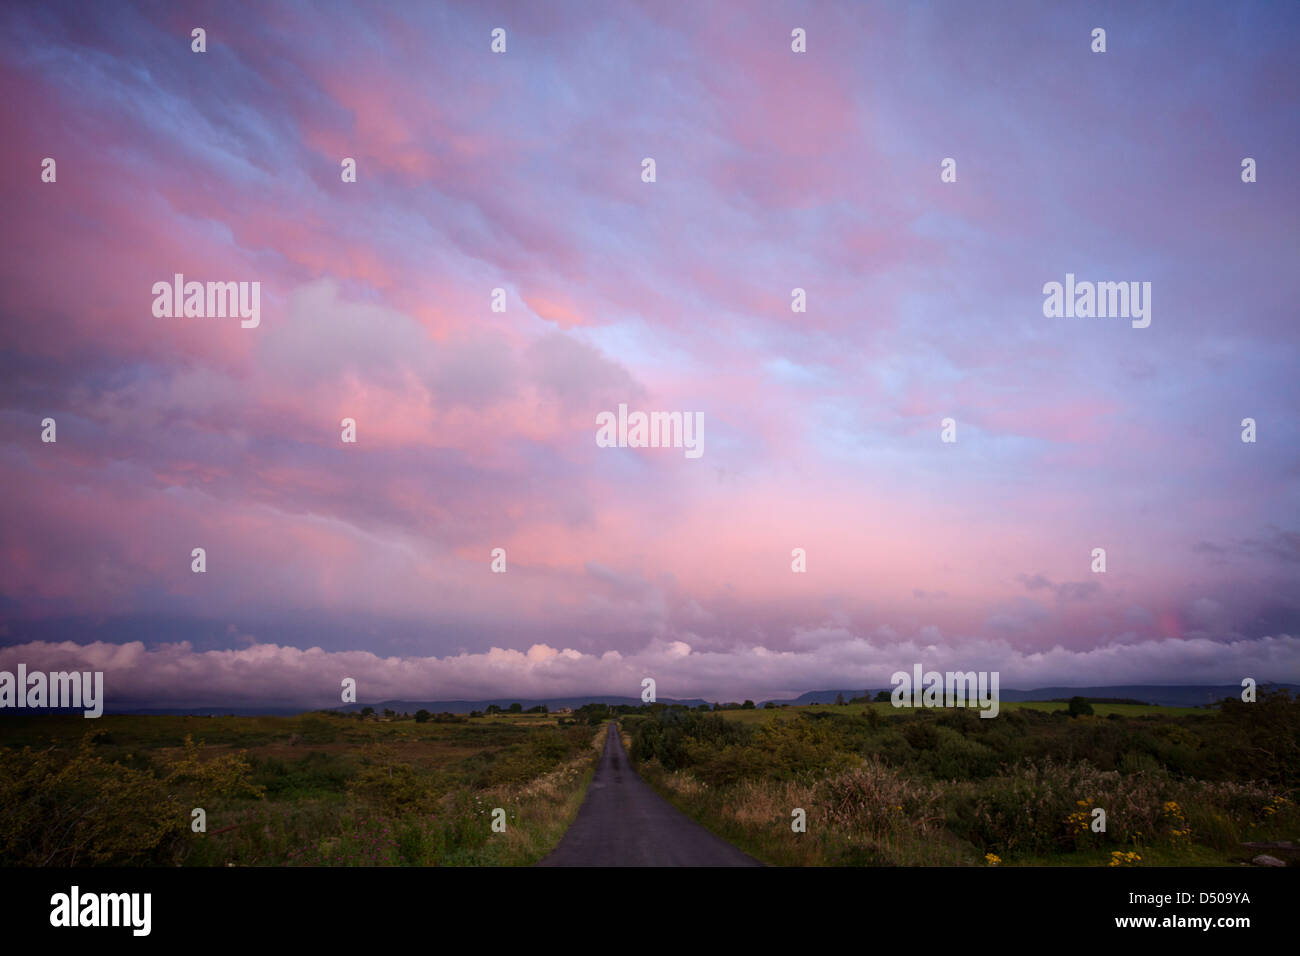 Rural lane at dusk, County Sligo, Ireland. - Stock Image